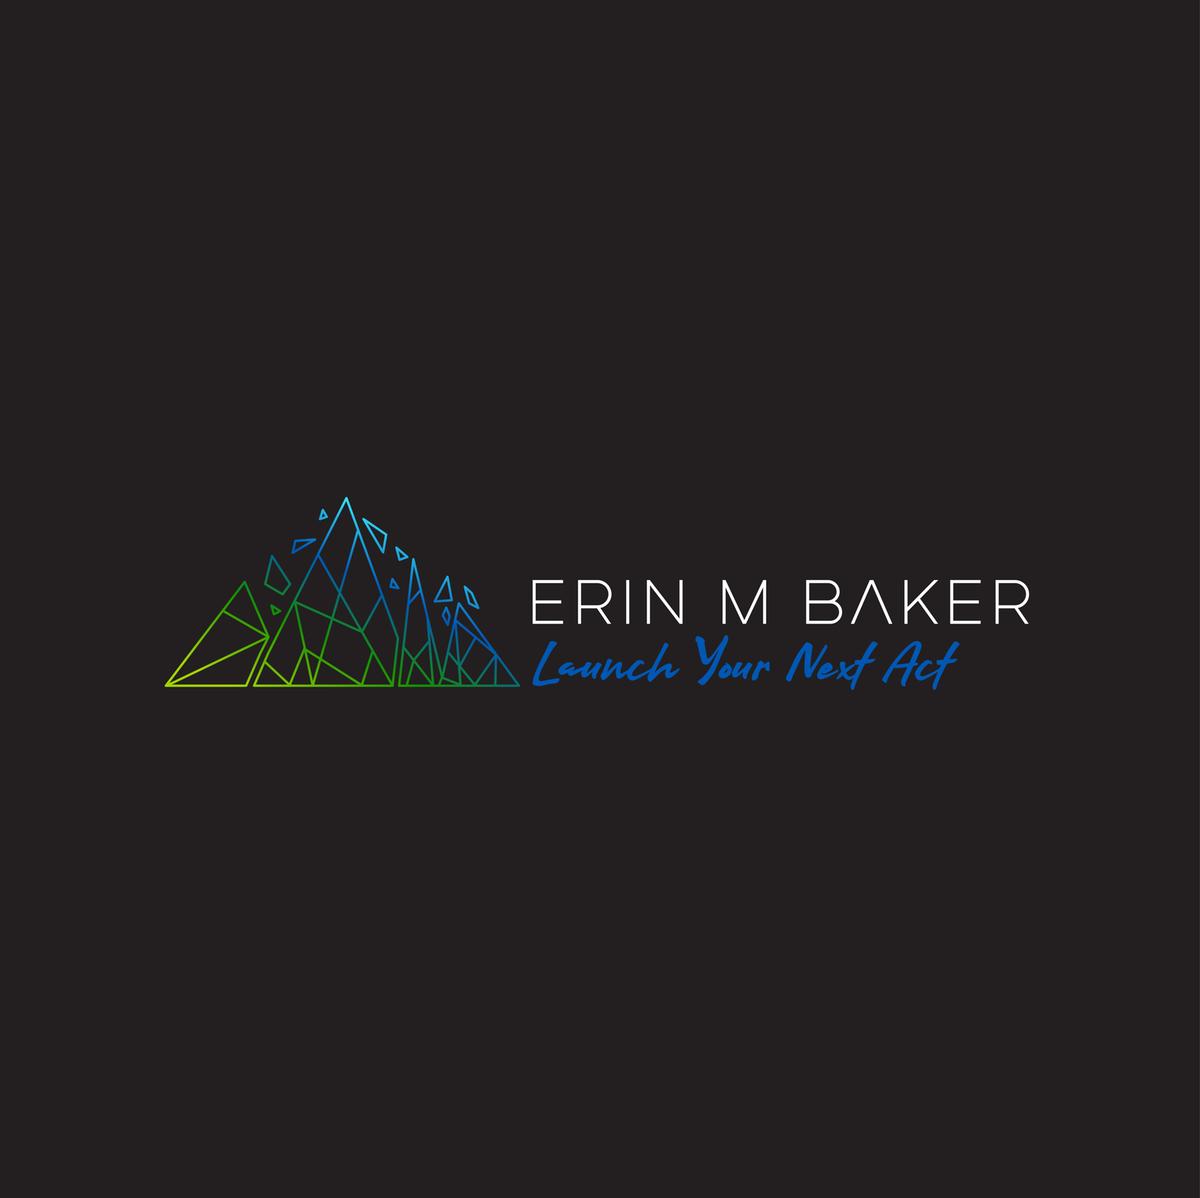 Erin Baker Logo Design